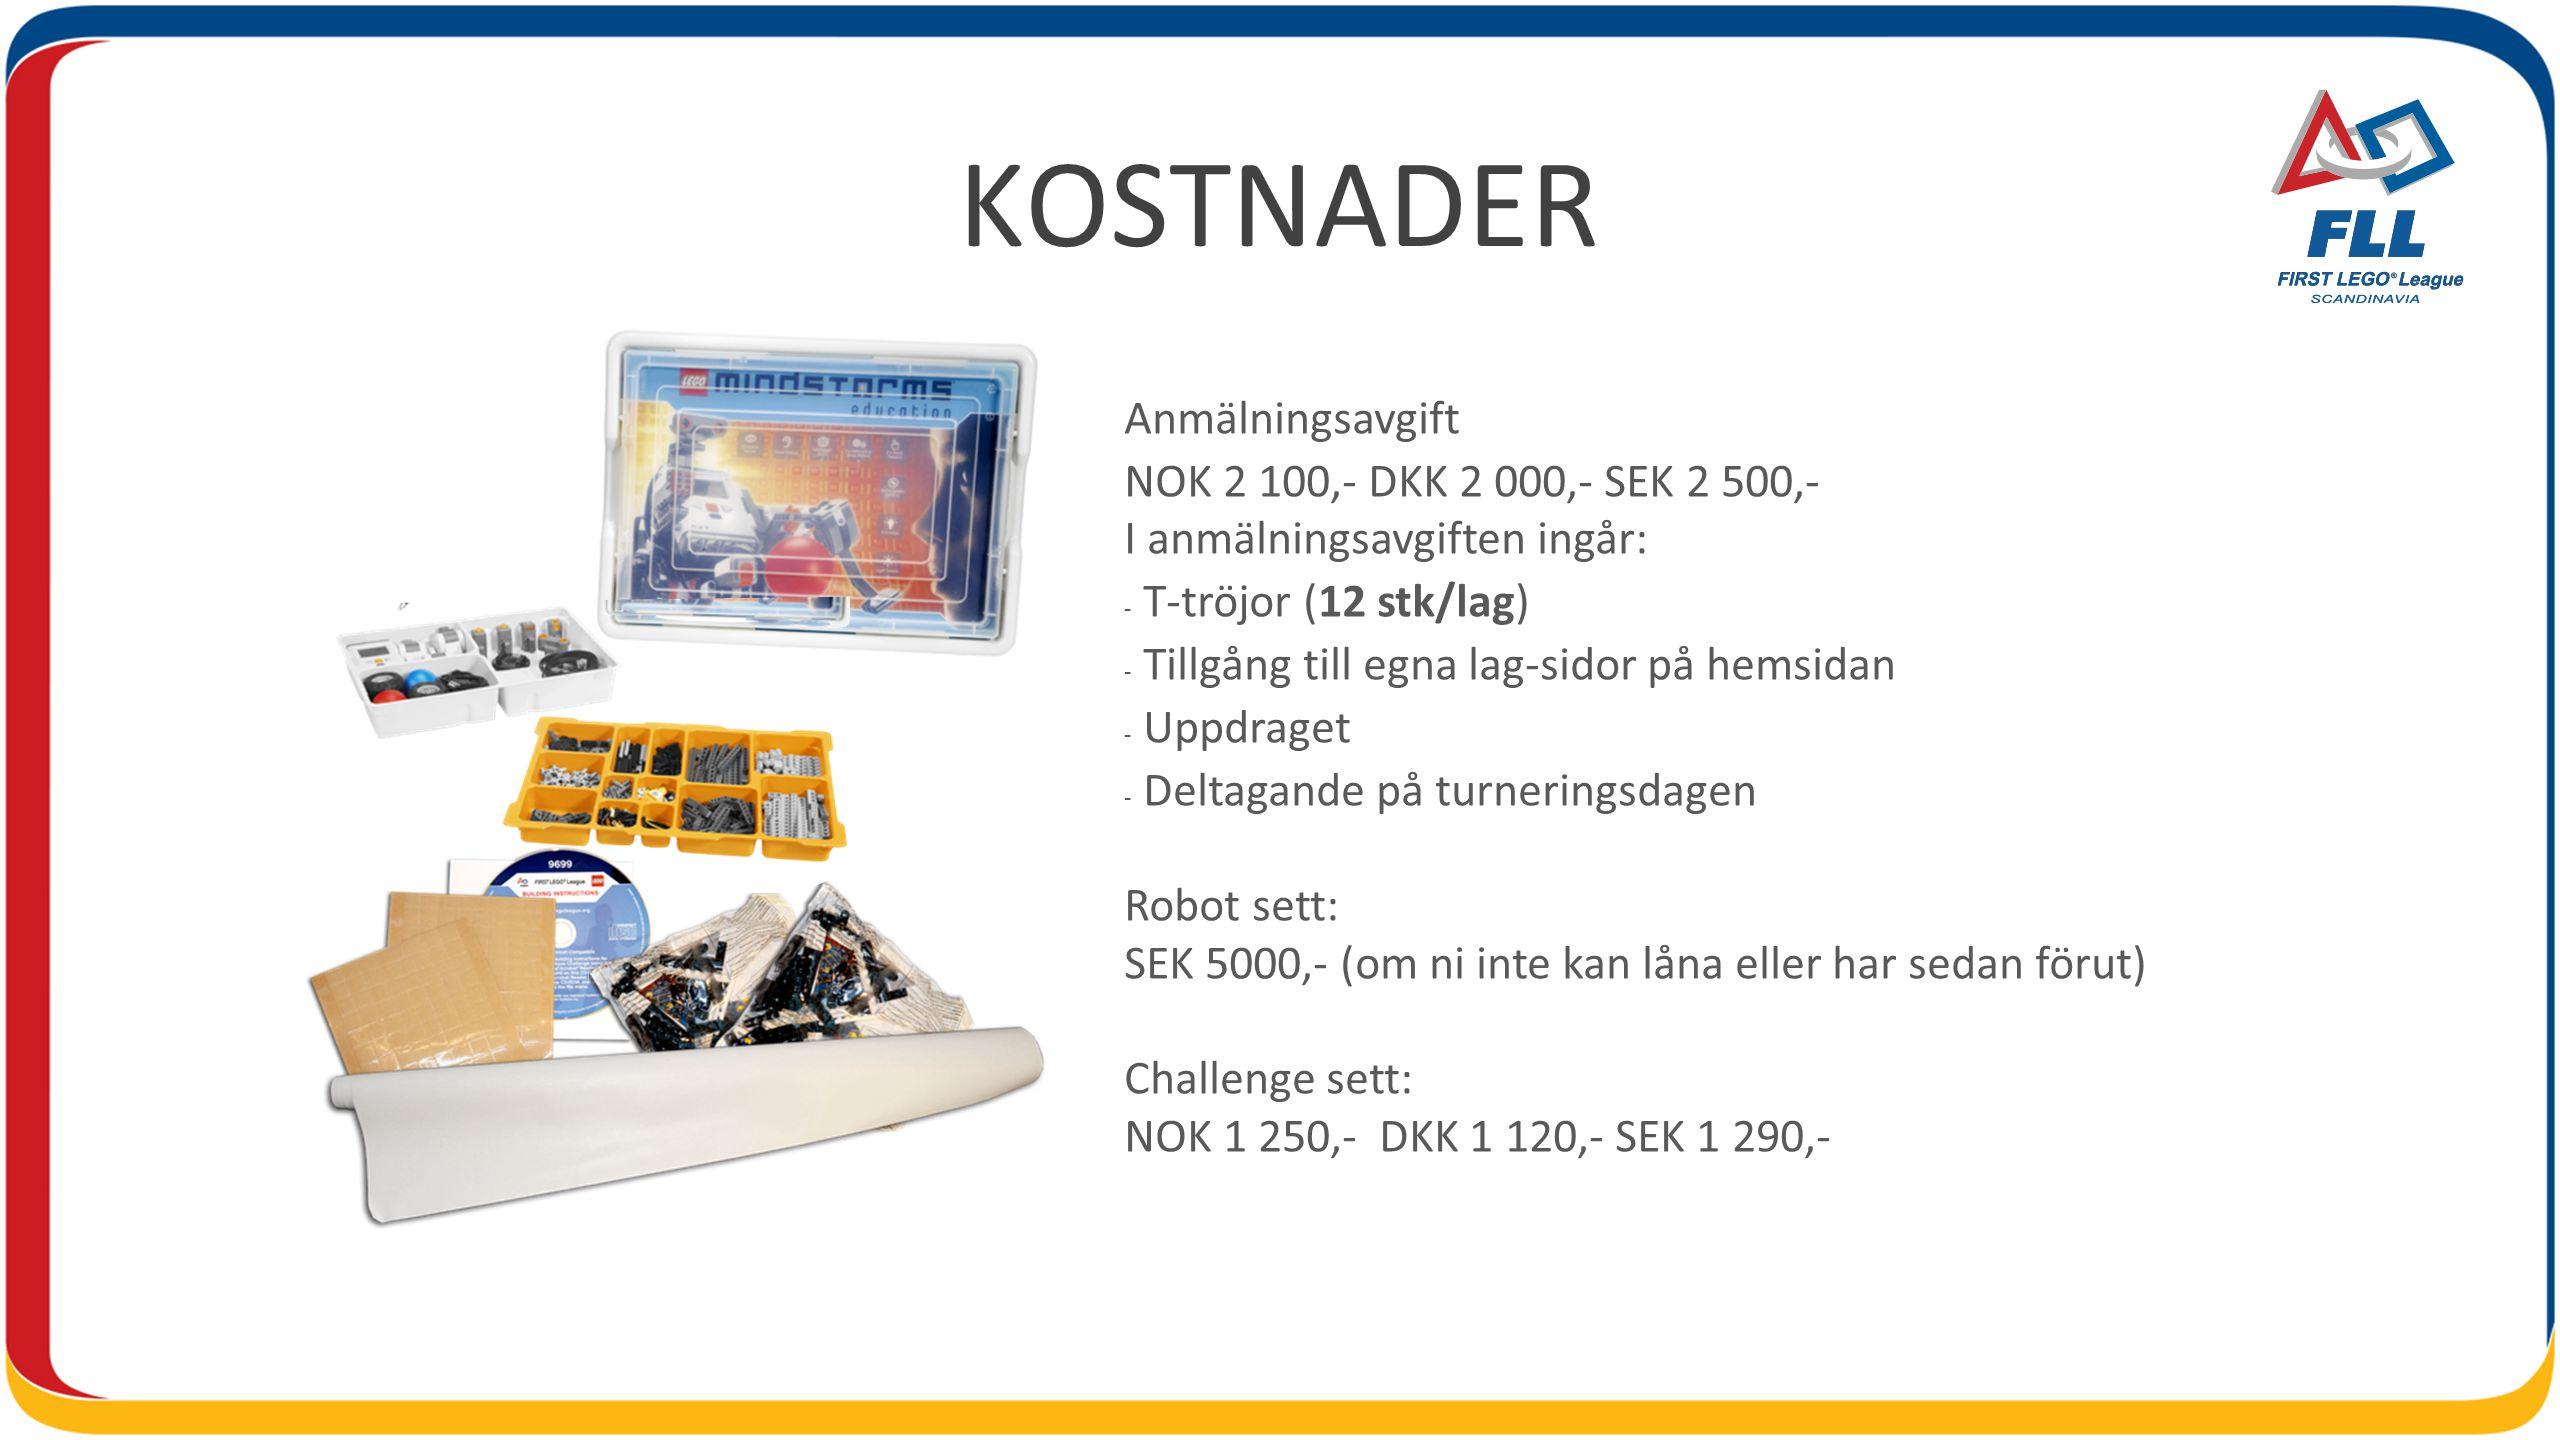 KOSTNADER Anmälningsavgift NOK 2 100,- DKK 2 000,- SEK 2 500,- I anmälningsavgiften ingår: - T-tröjor (12 stk/lag) - Tillgång till egna lag-sidor på hemsidan - Uppdraget - Deltagande på turneringsdagen Robot sett: SEK 5000,- (om ni inte kan låna eller har sedan förut) Challenge sett: NOK 1 250,- DKK 1 120,- SEK 1 290,-